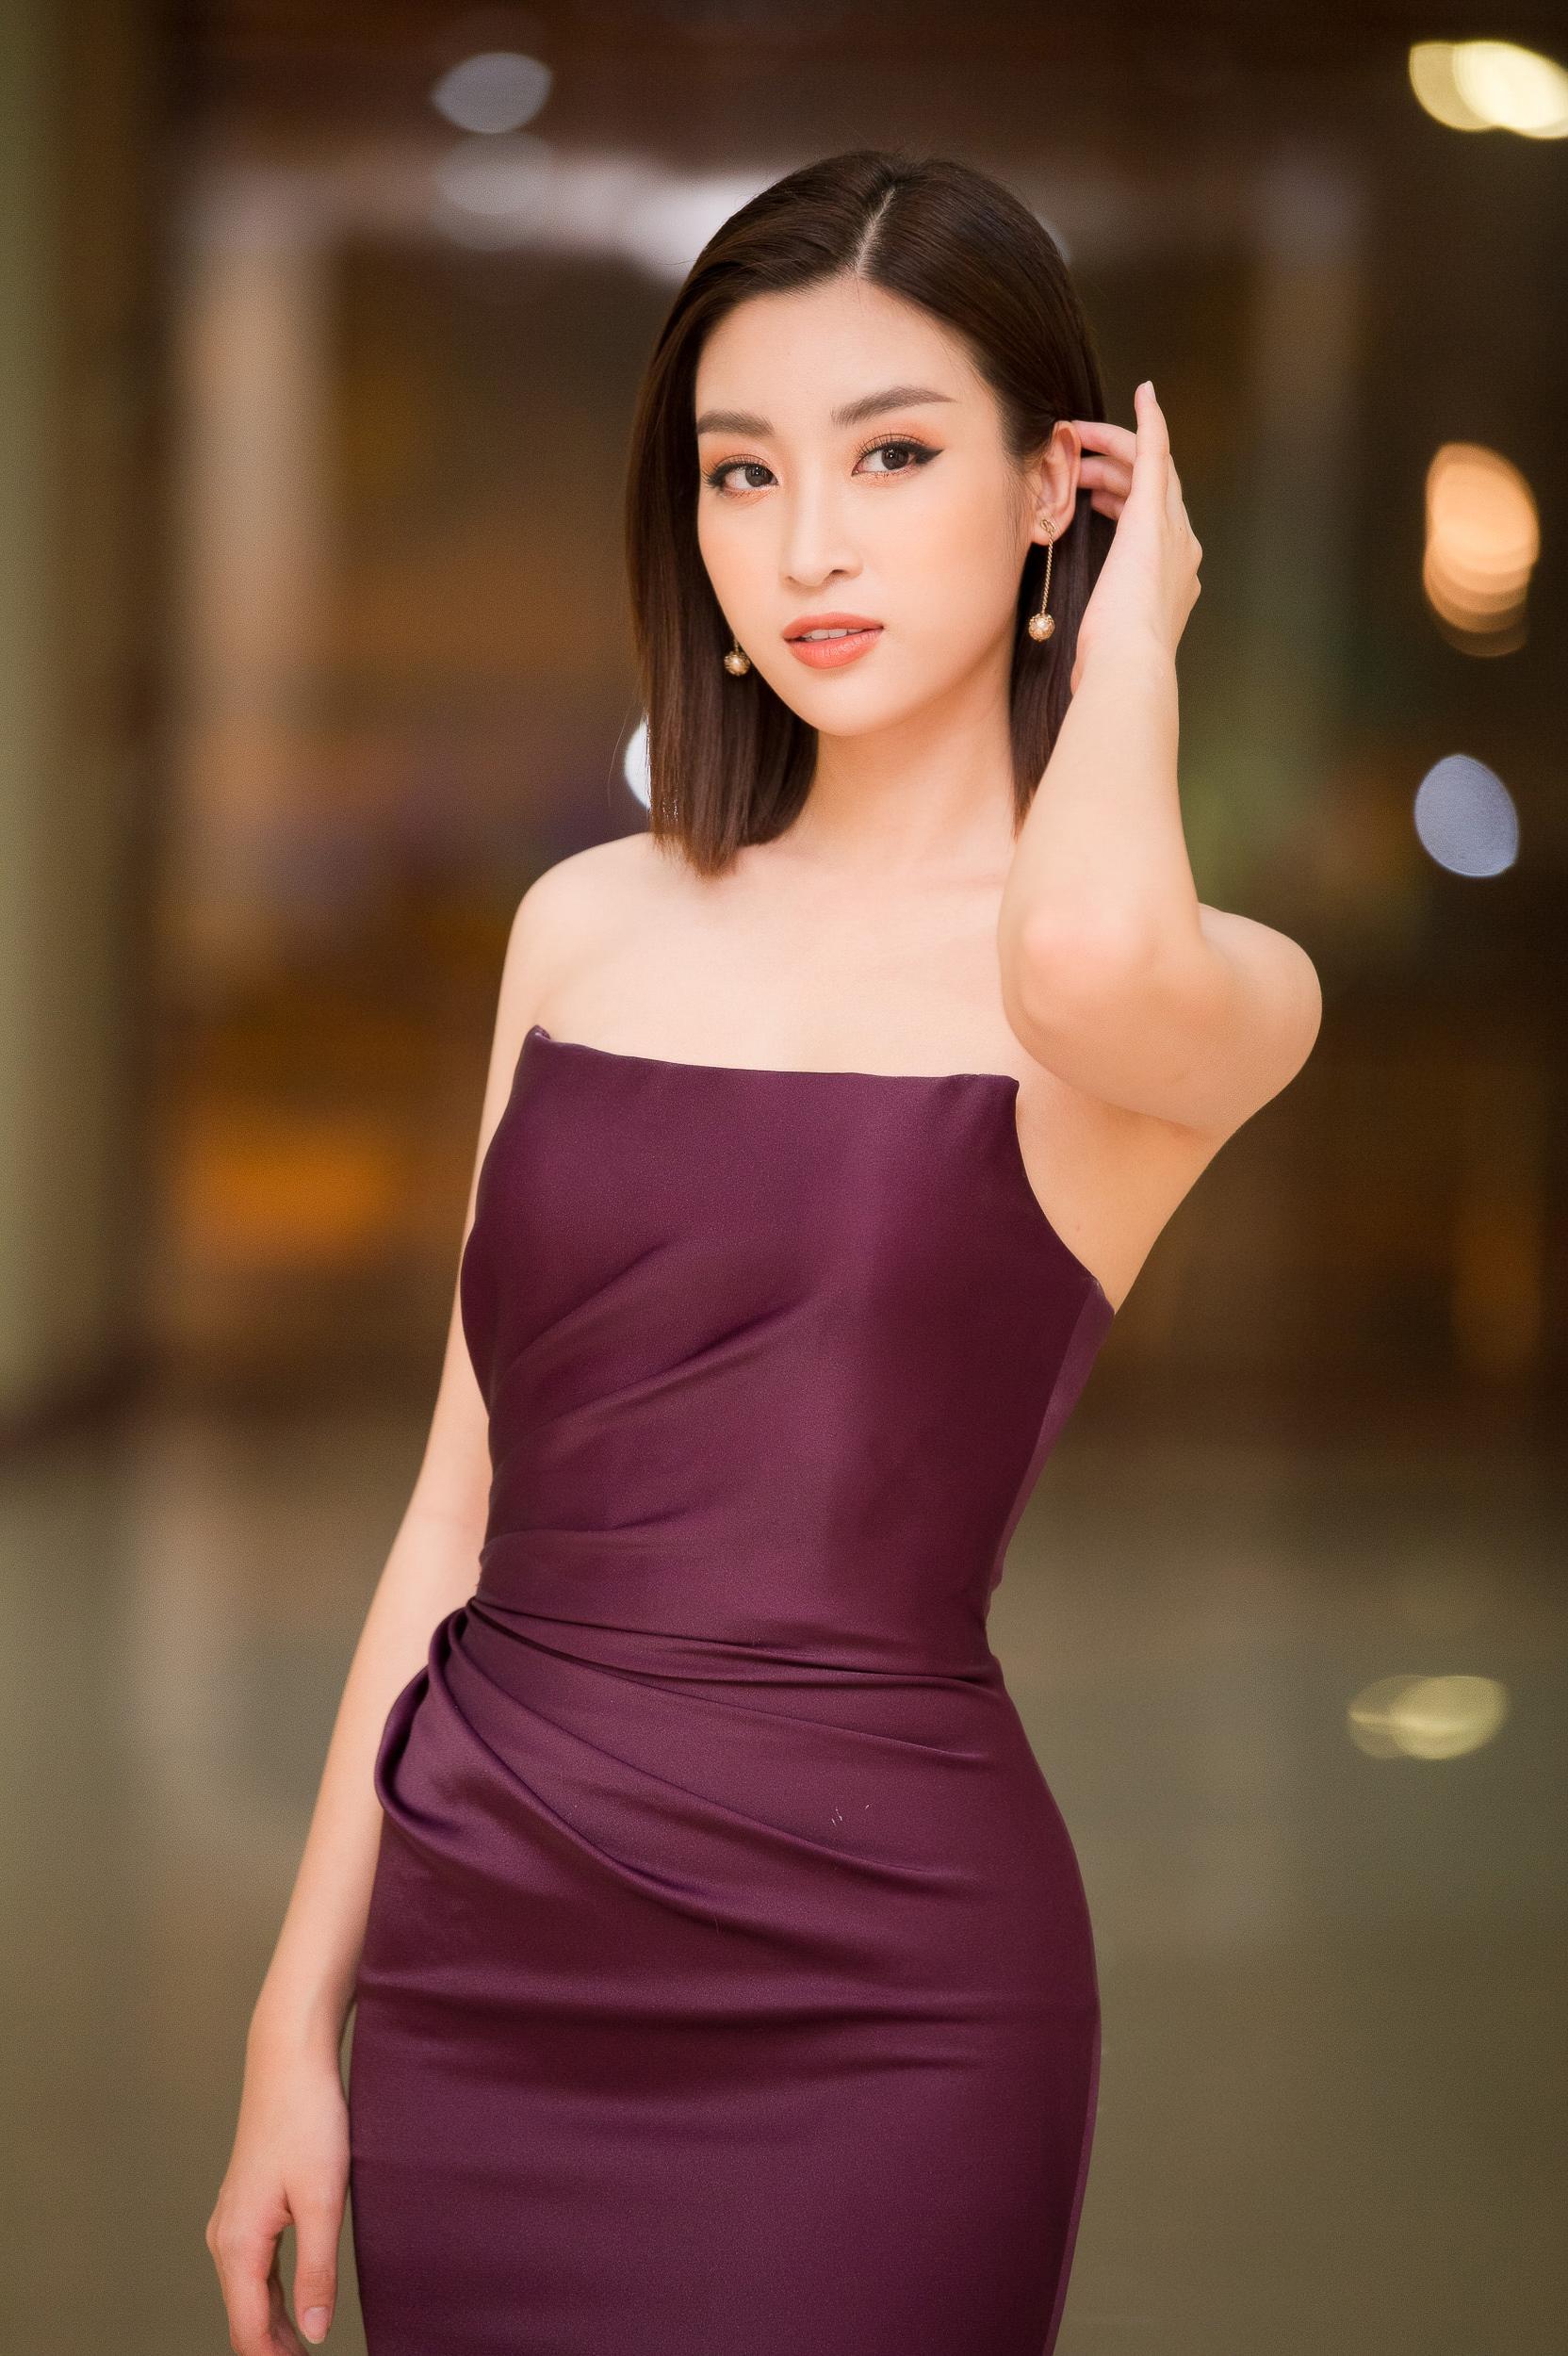 Hoa hậu Đỗ Mỹ Linh mê hoặc mọi ánh nhìn nhờ body như nữ thần và nhan sắc tinh khiết Ảnh 7